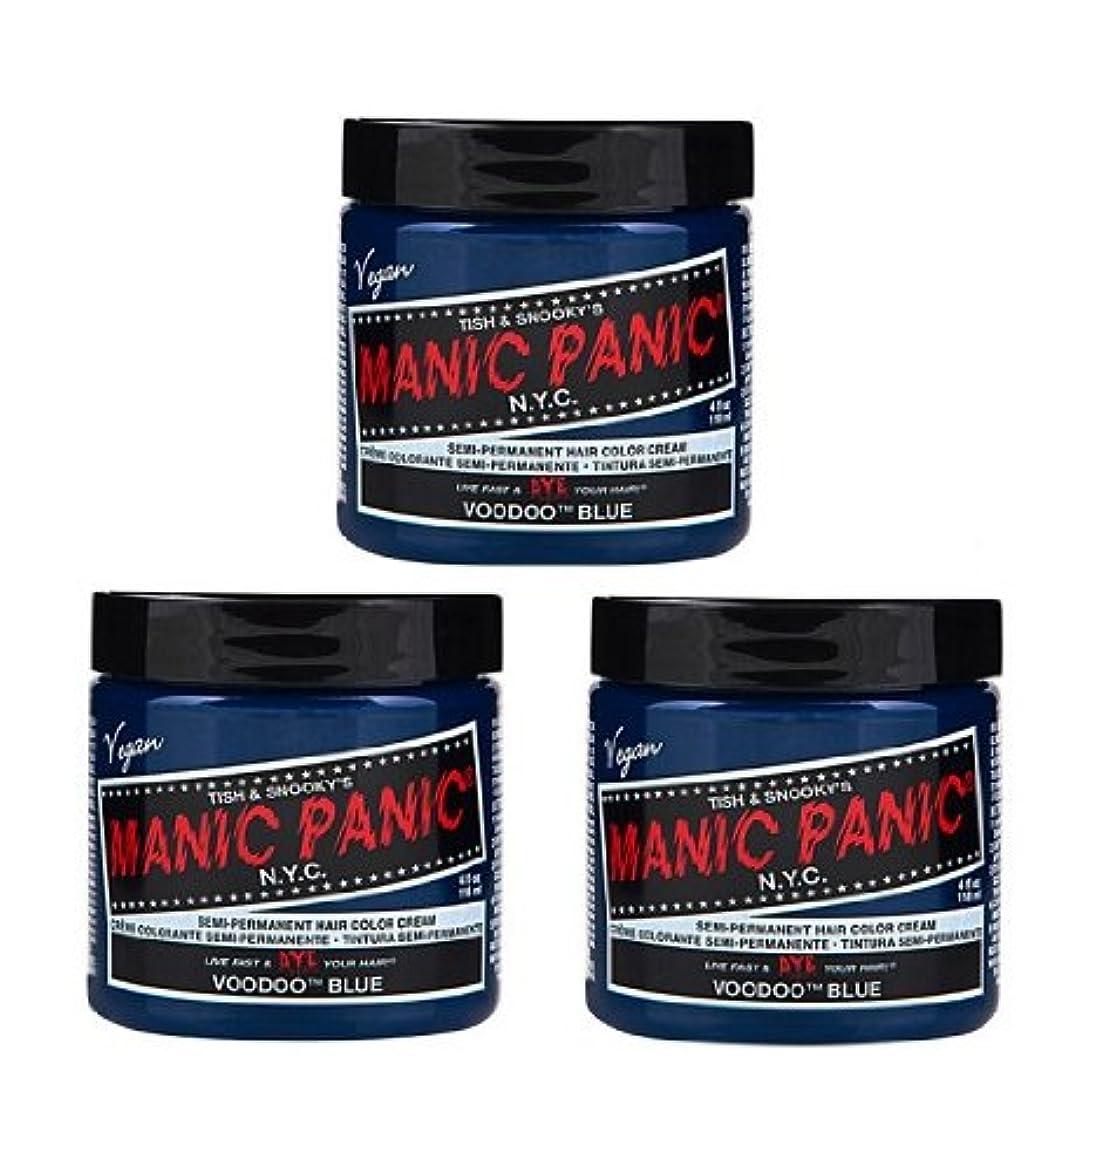 船塗抹リスナー【3個セット】MANIC PANIC マニックパニック Voodoo Blue ブードゥーブルー 118ml